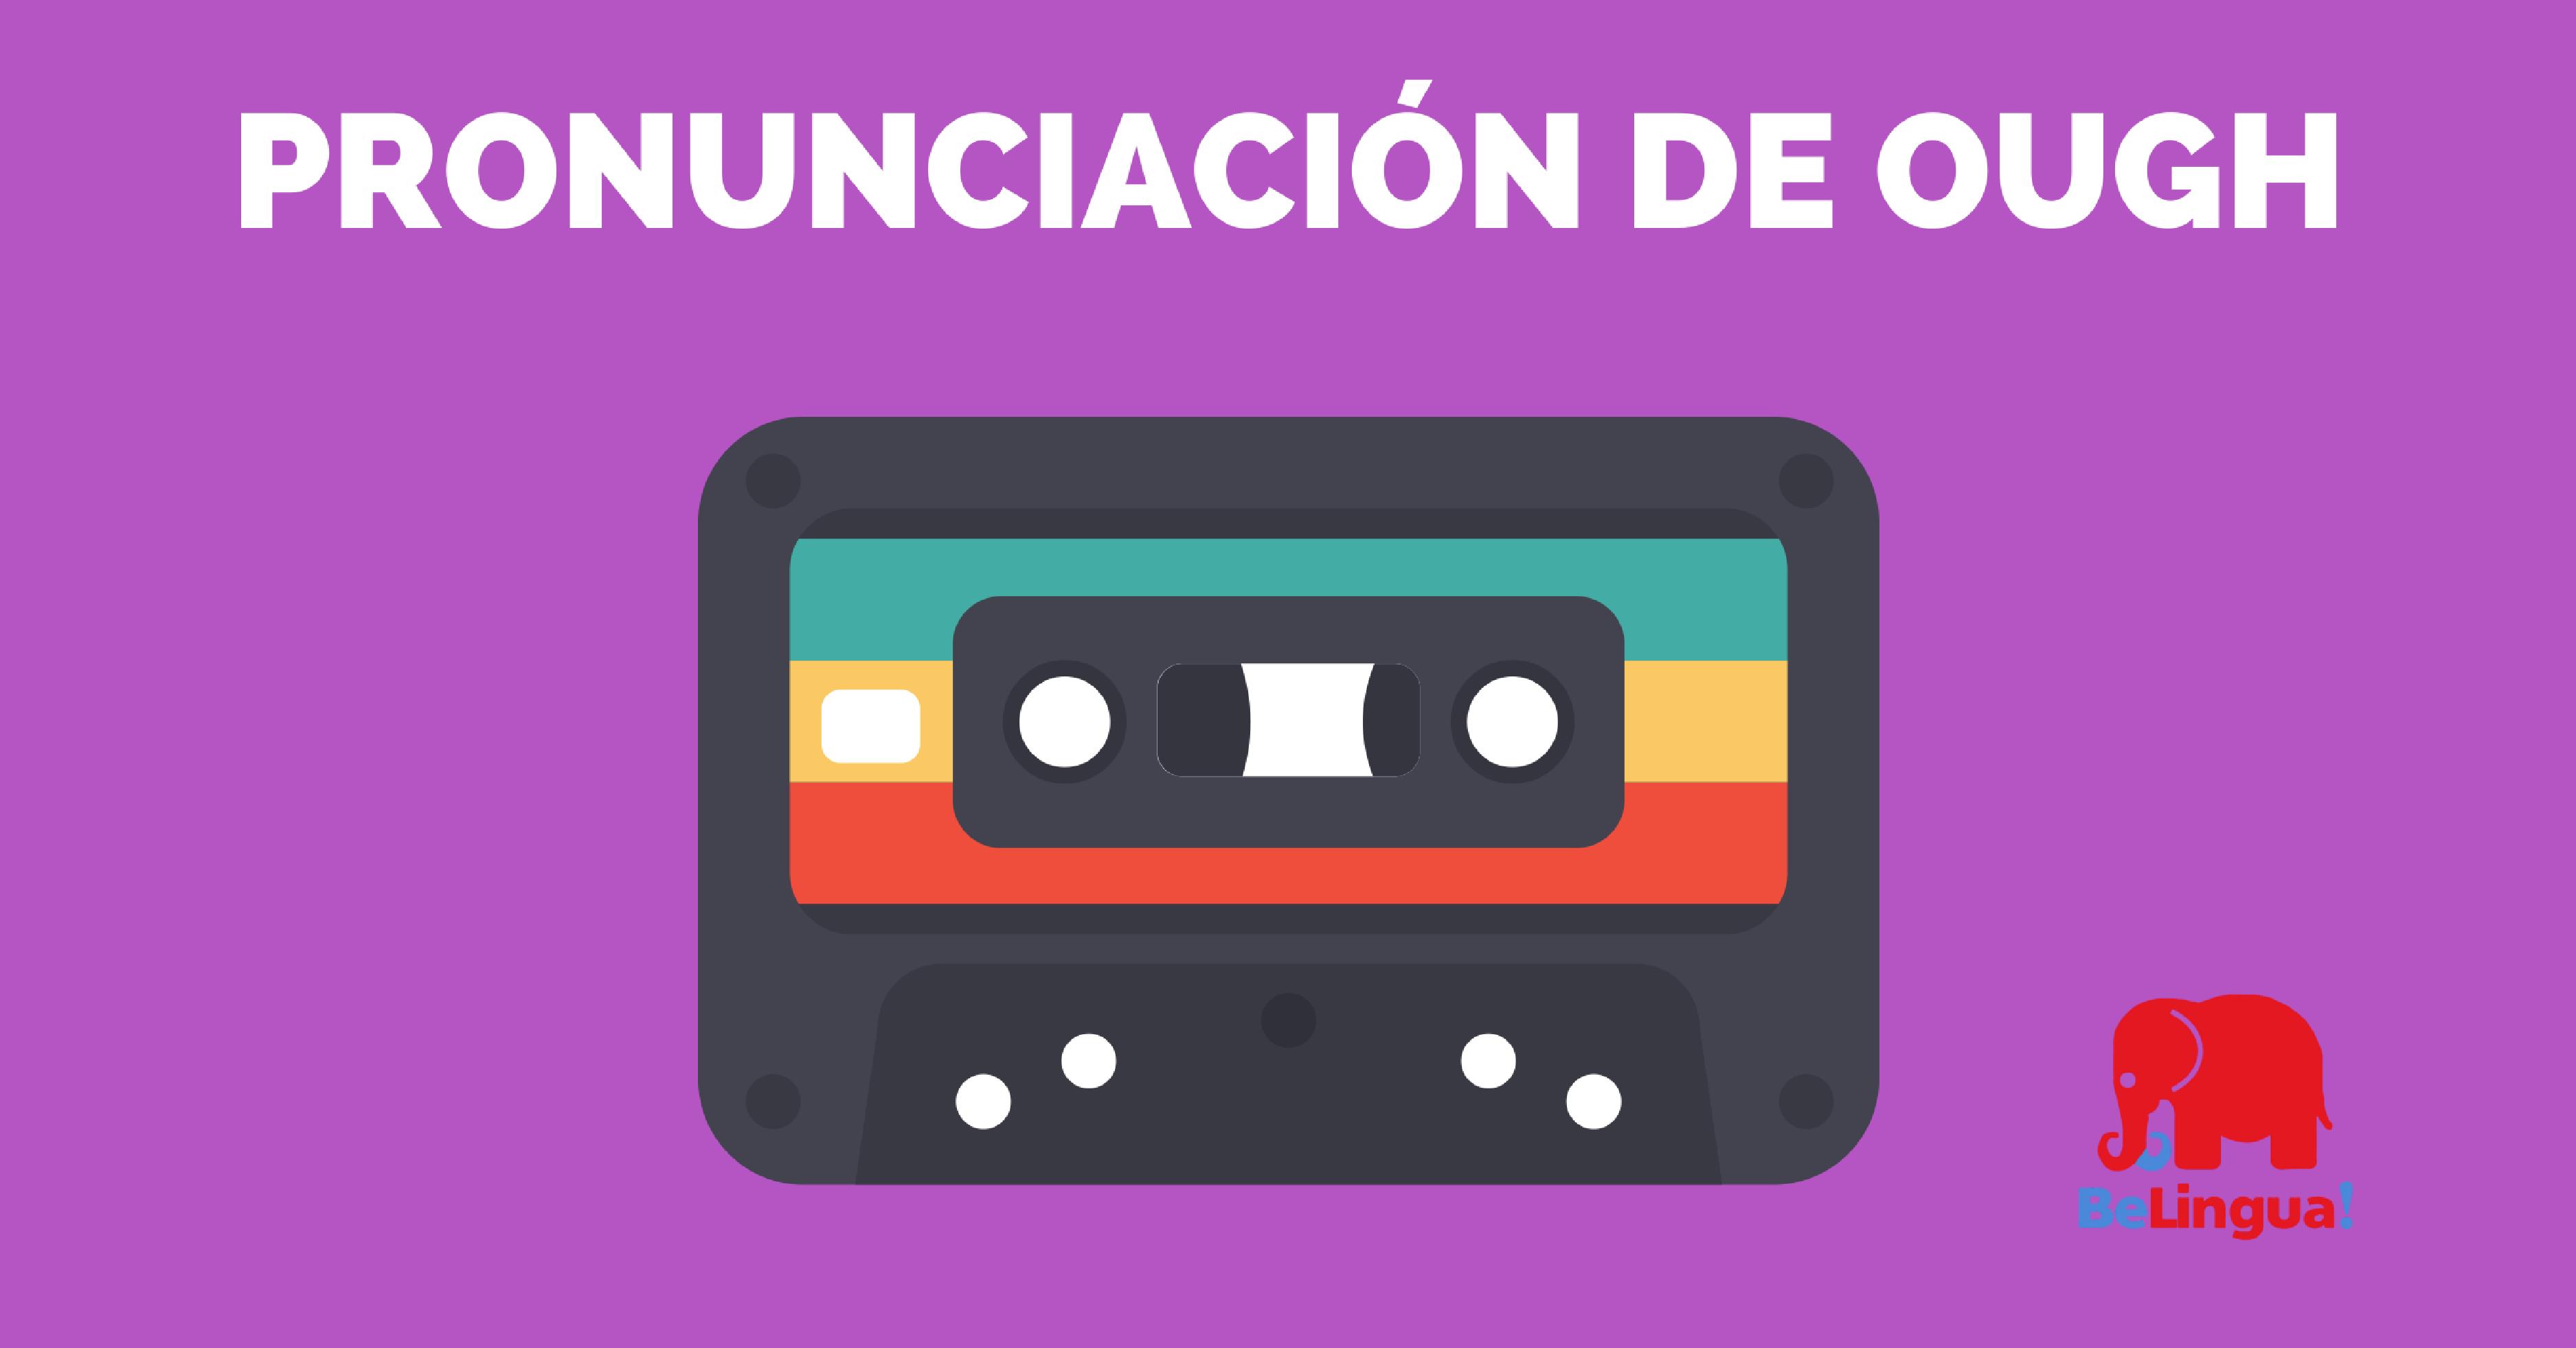 Pronunciación de ough - Academia de Idiomas BeLingua